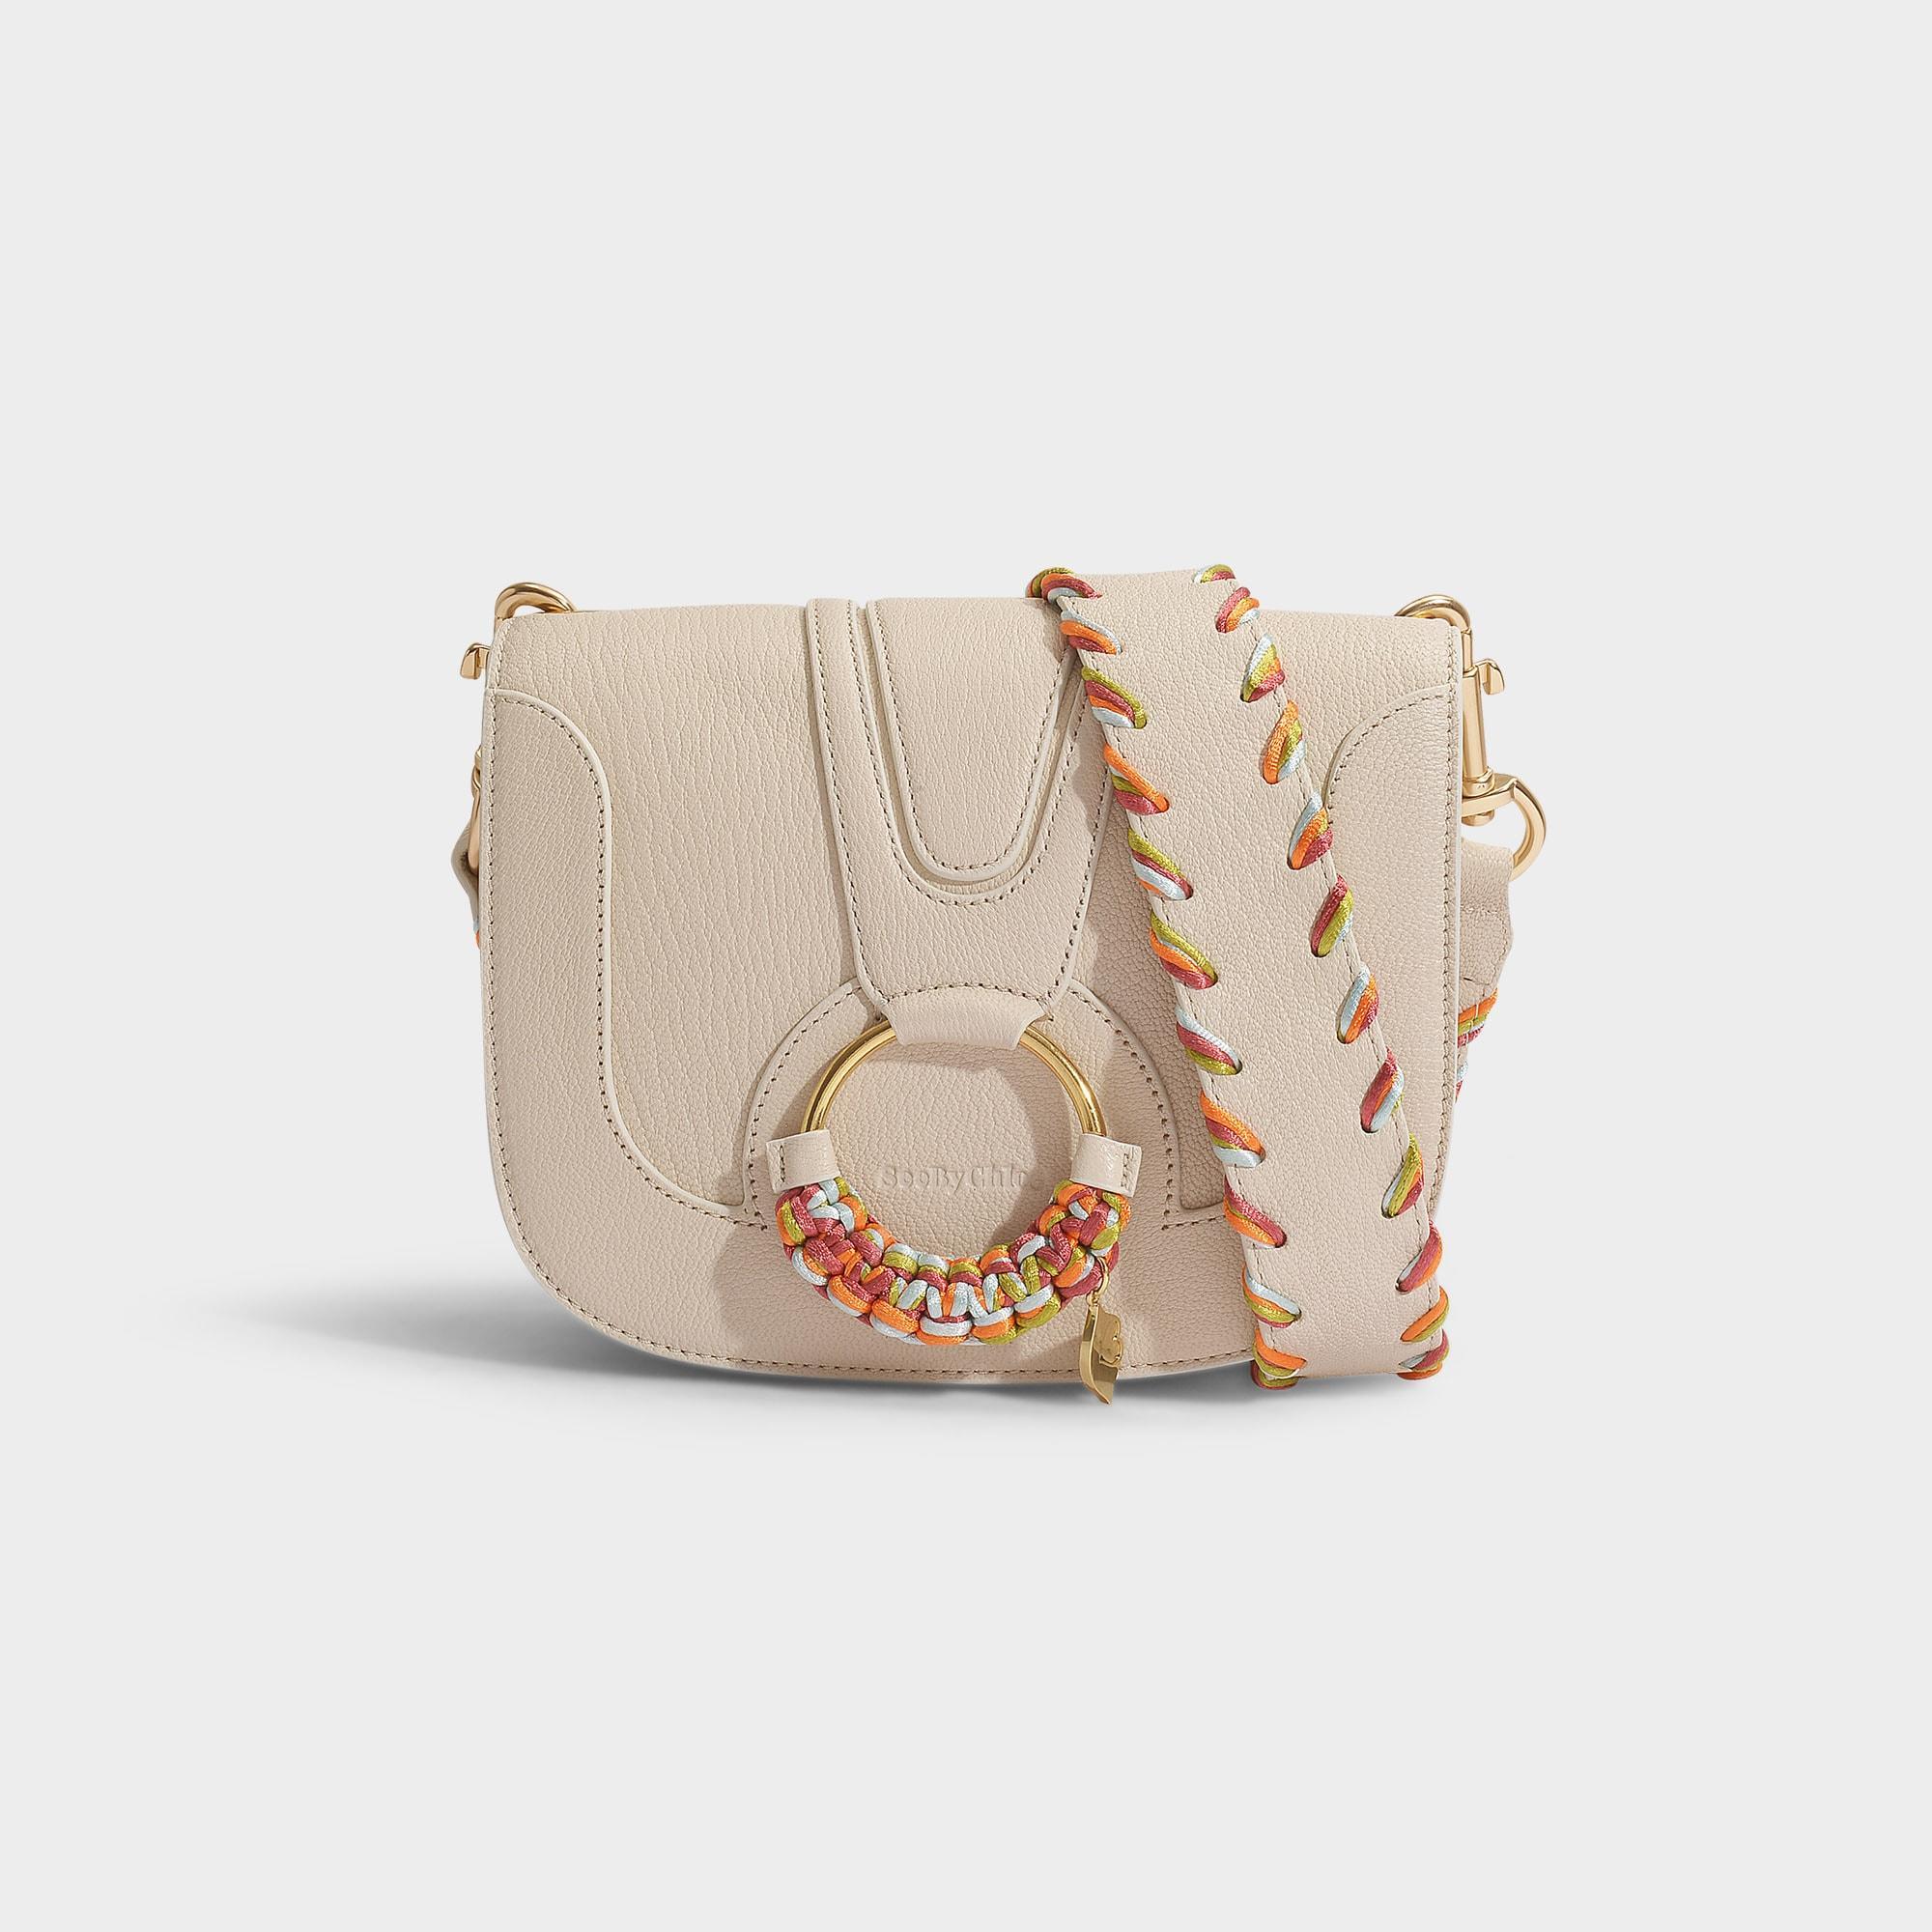 1b1c5d4d7e See By Chloé Natural Hana Medium Crossbody Bag In Cement Beige Calfskin